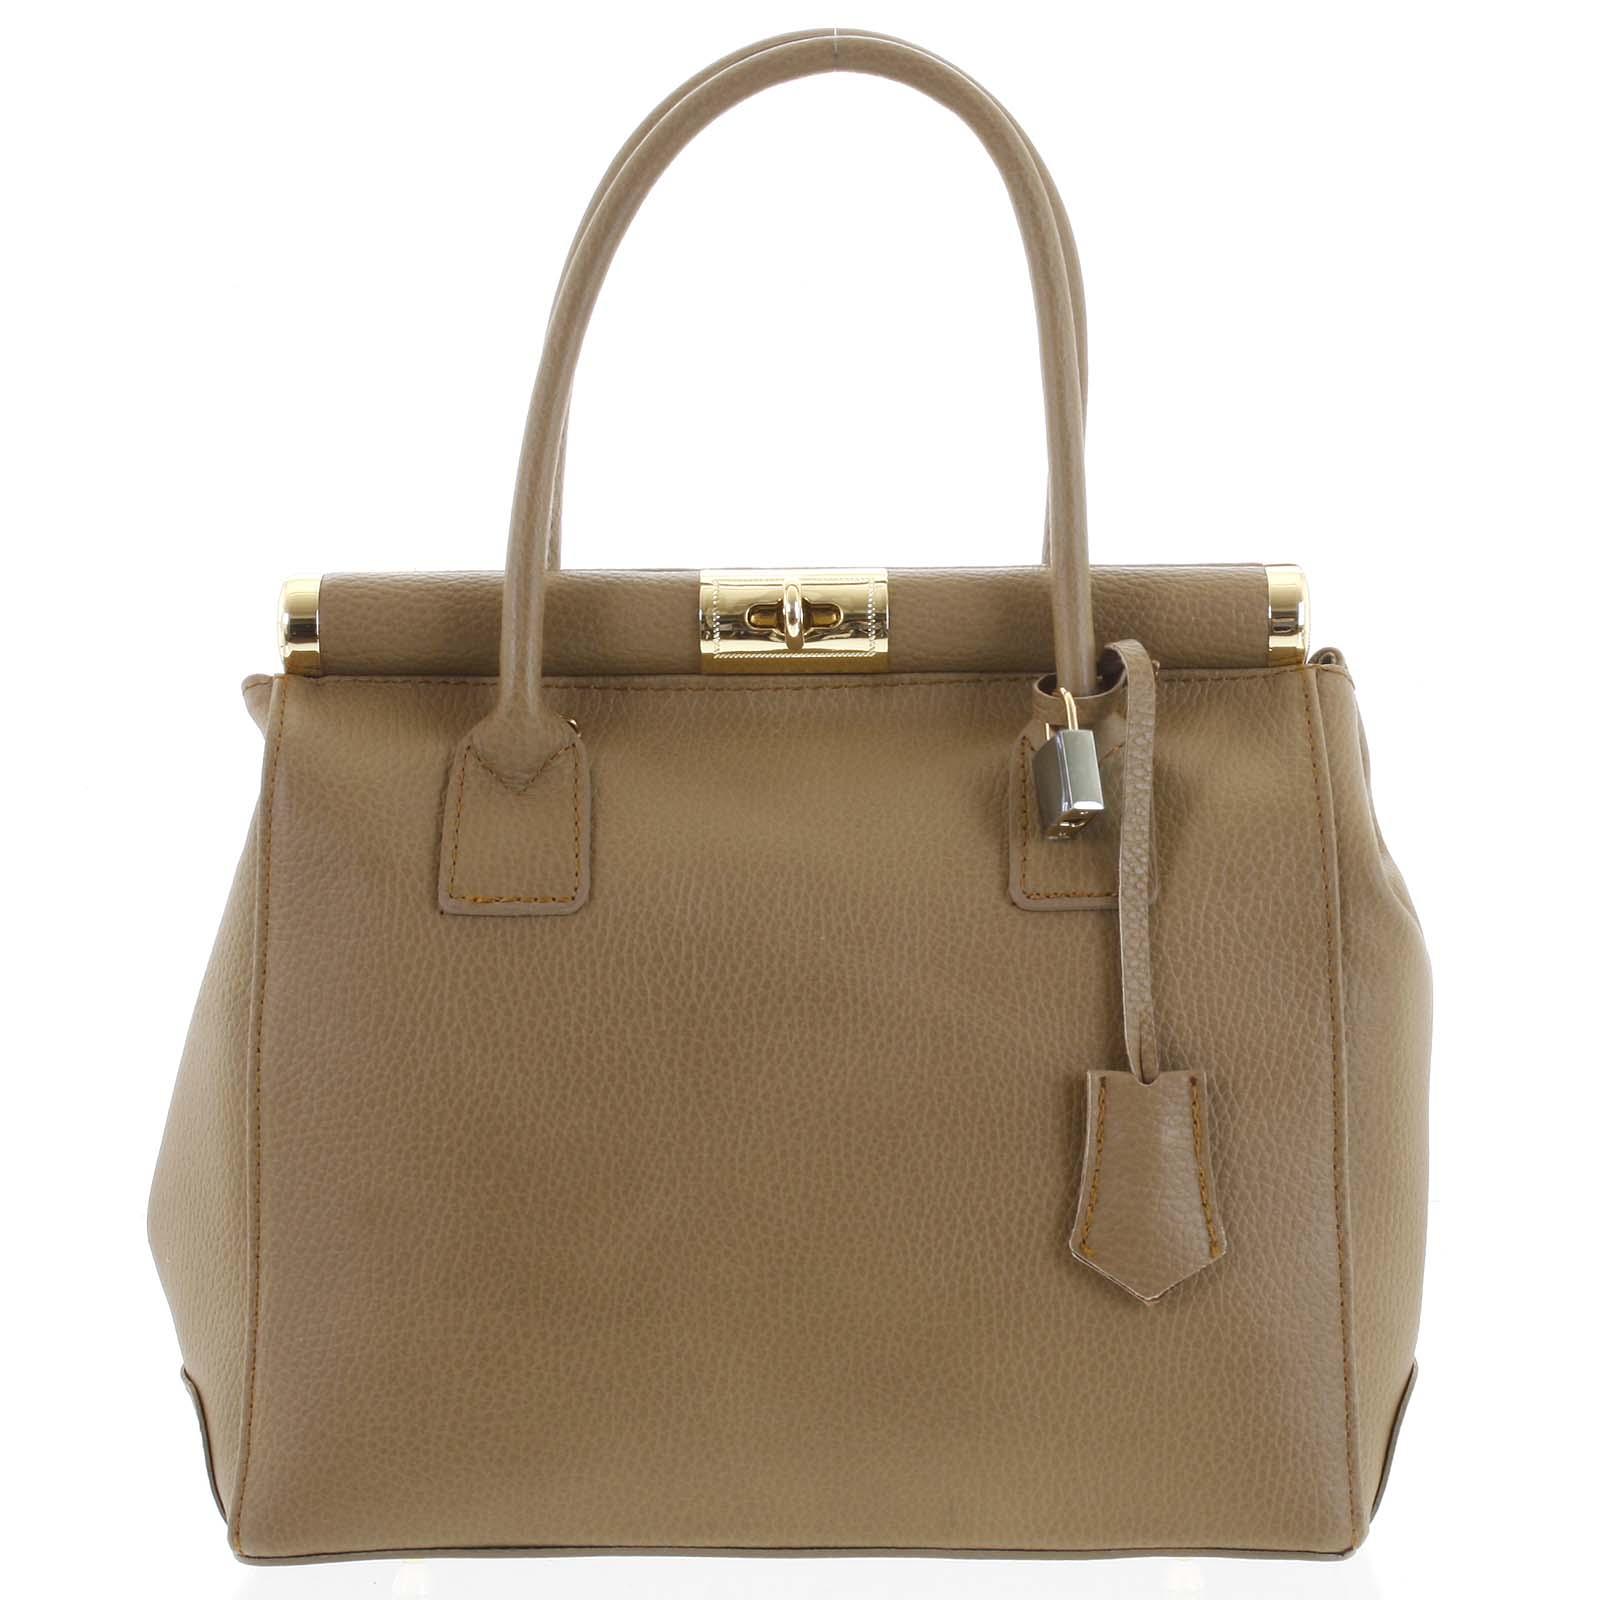 Luxusní dámská kožená kabelka do ruky béžová - ItalY Hyla béžová